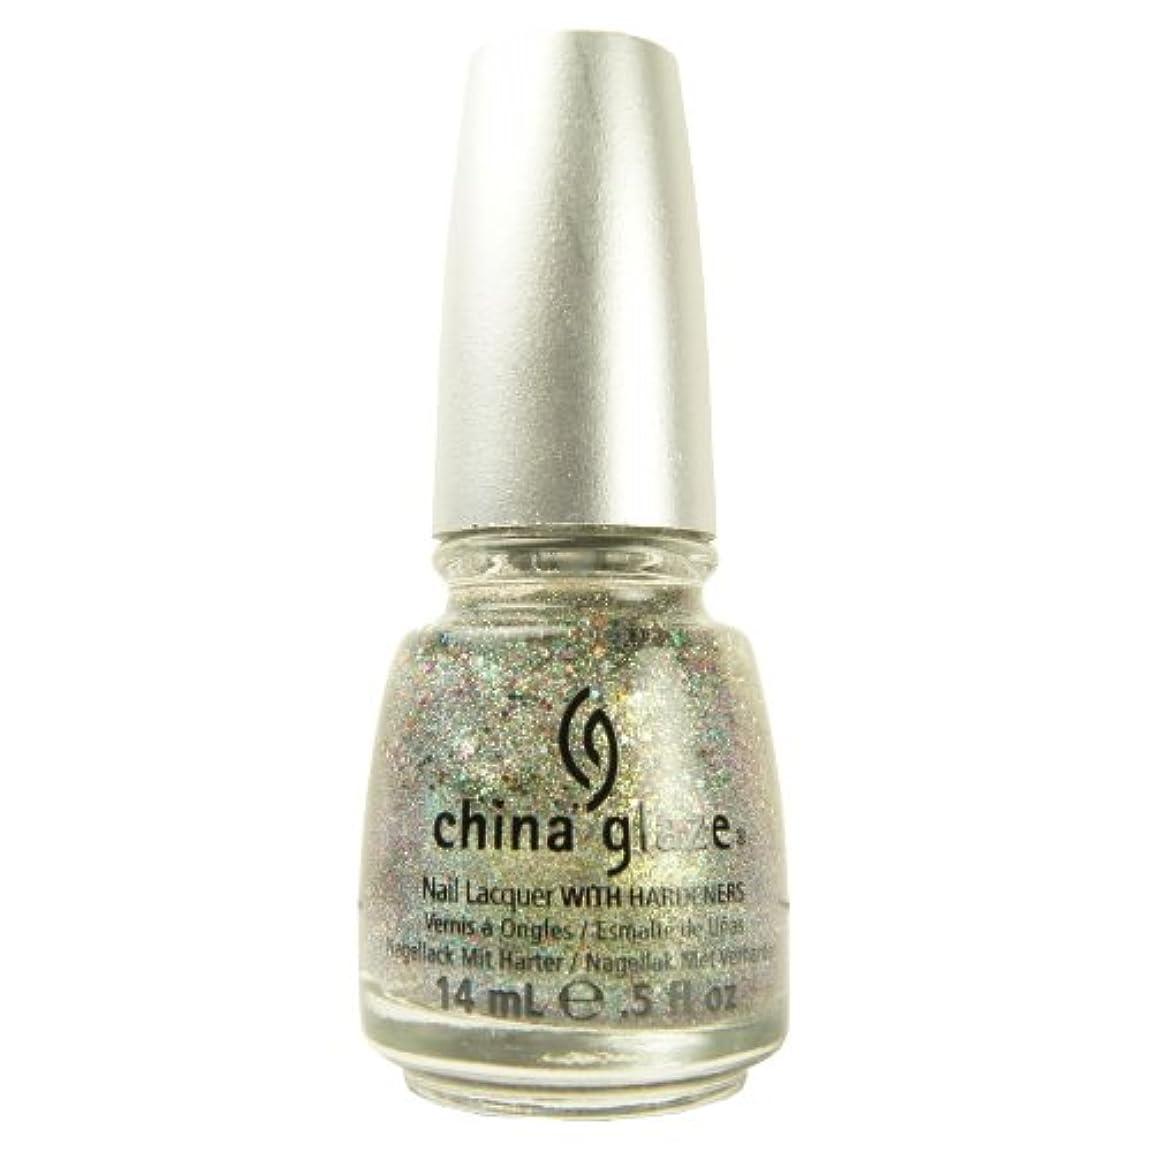 対称万歳戦闘(6 Pack) CHINA GLAZE Glitter Nail Lacquer with Nail Hardner - Ray-Diant (DC) (並行輸入品)